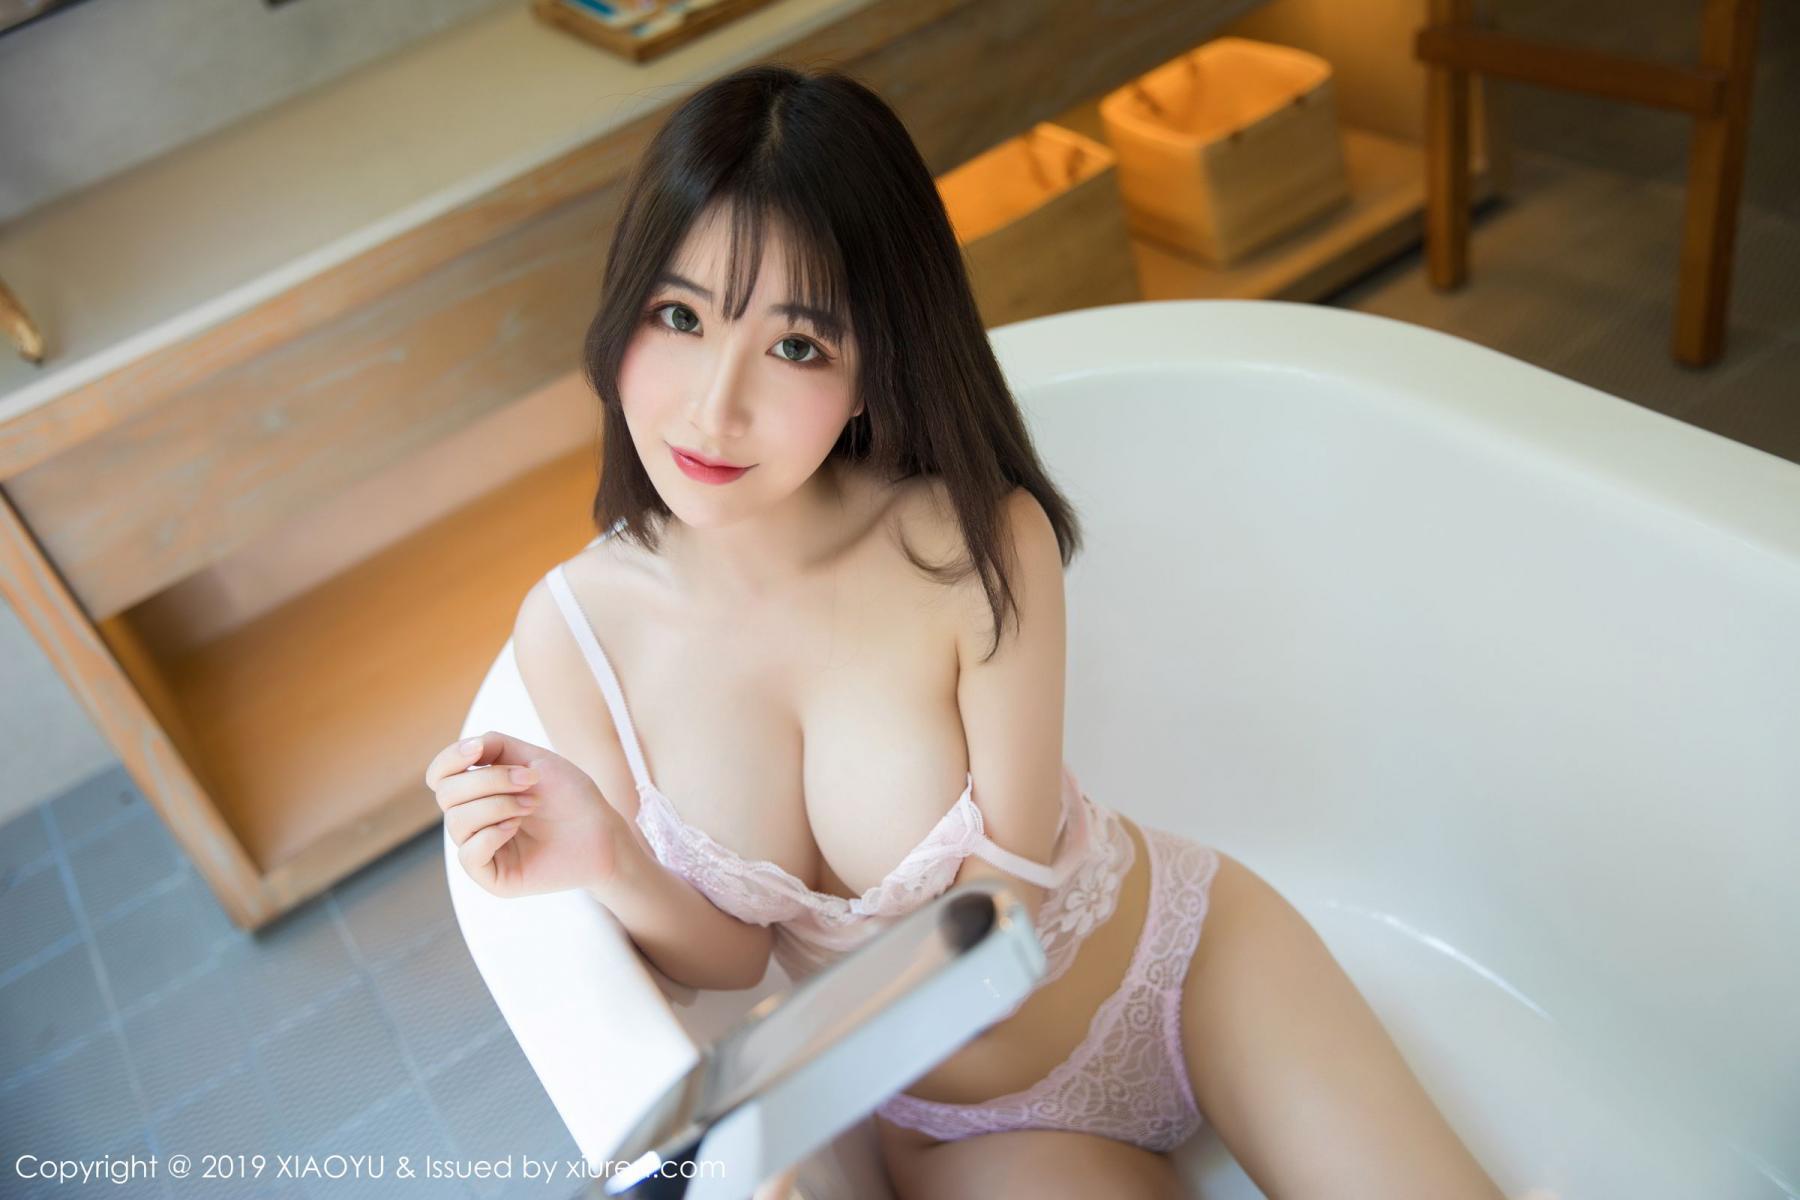 [XiaoYu] Vol.147 Xie Zhi Xin 44P, Bathroom, Big Booty, Wet, XiaoYu, Xie Zhi Xin